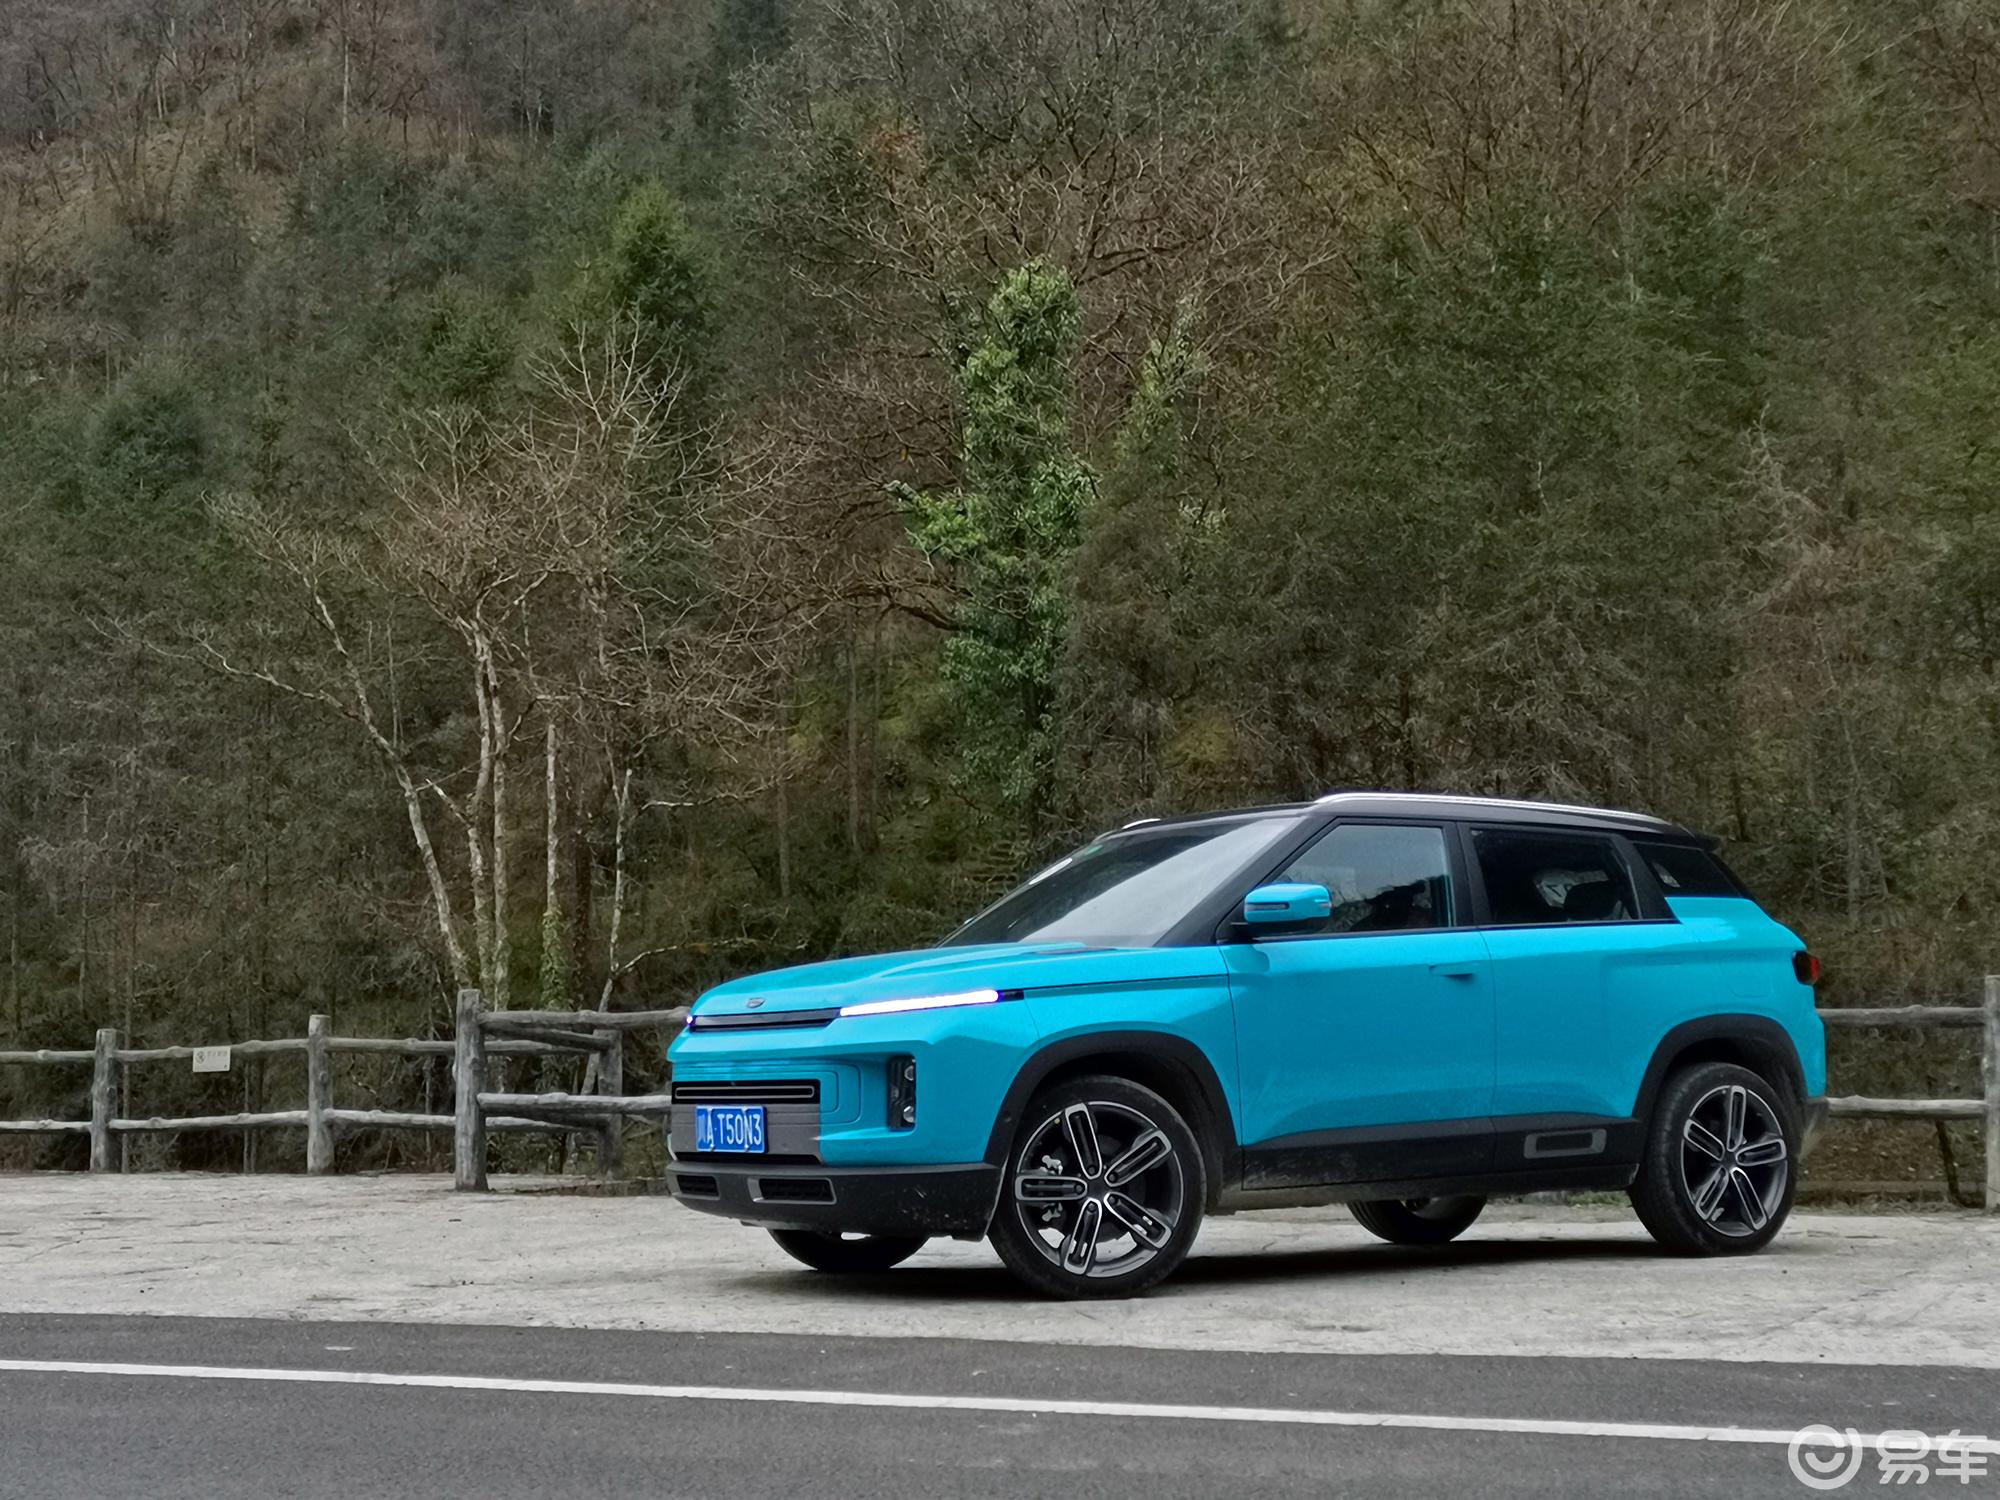 吉利ICON评测:这种个性SUV,只能由自主一哥来开头